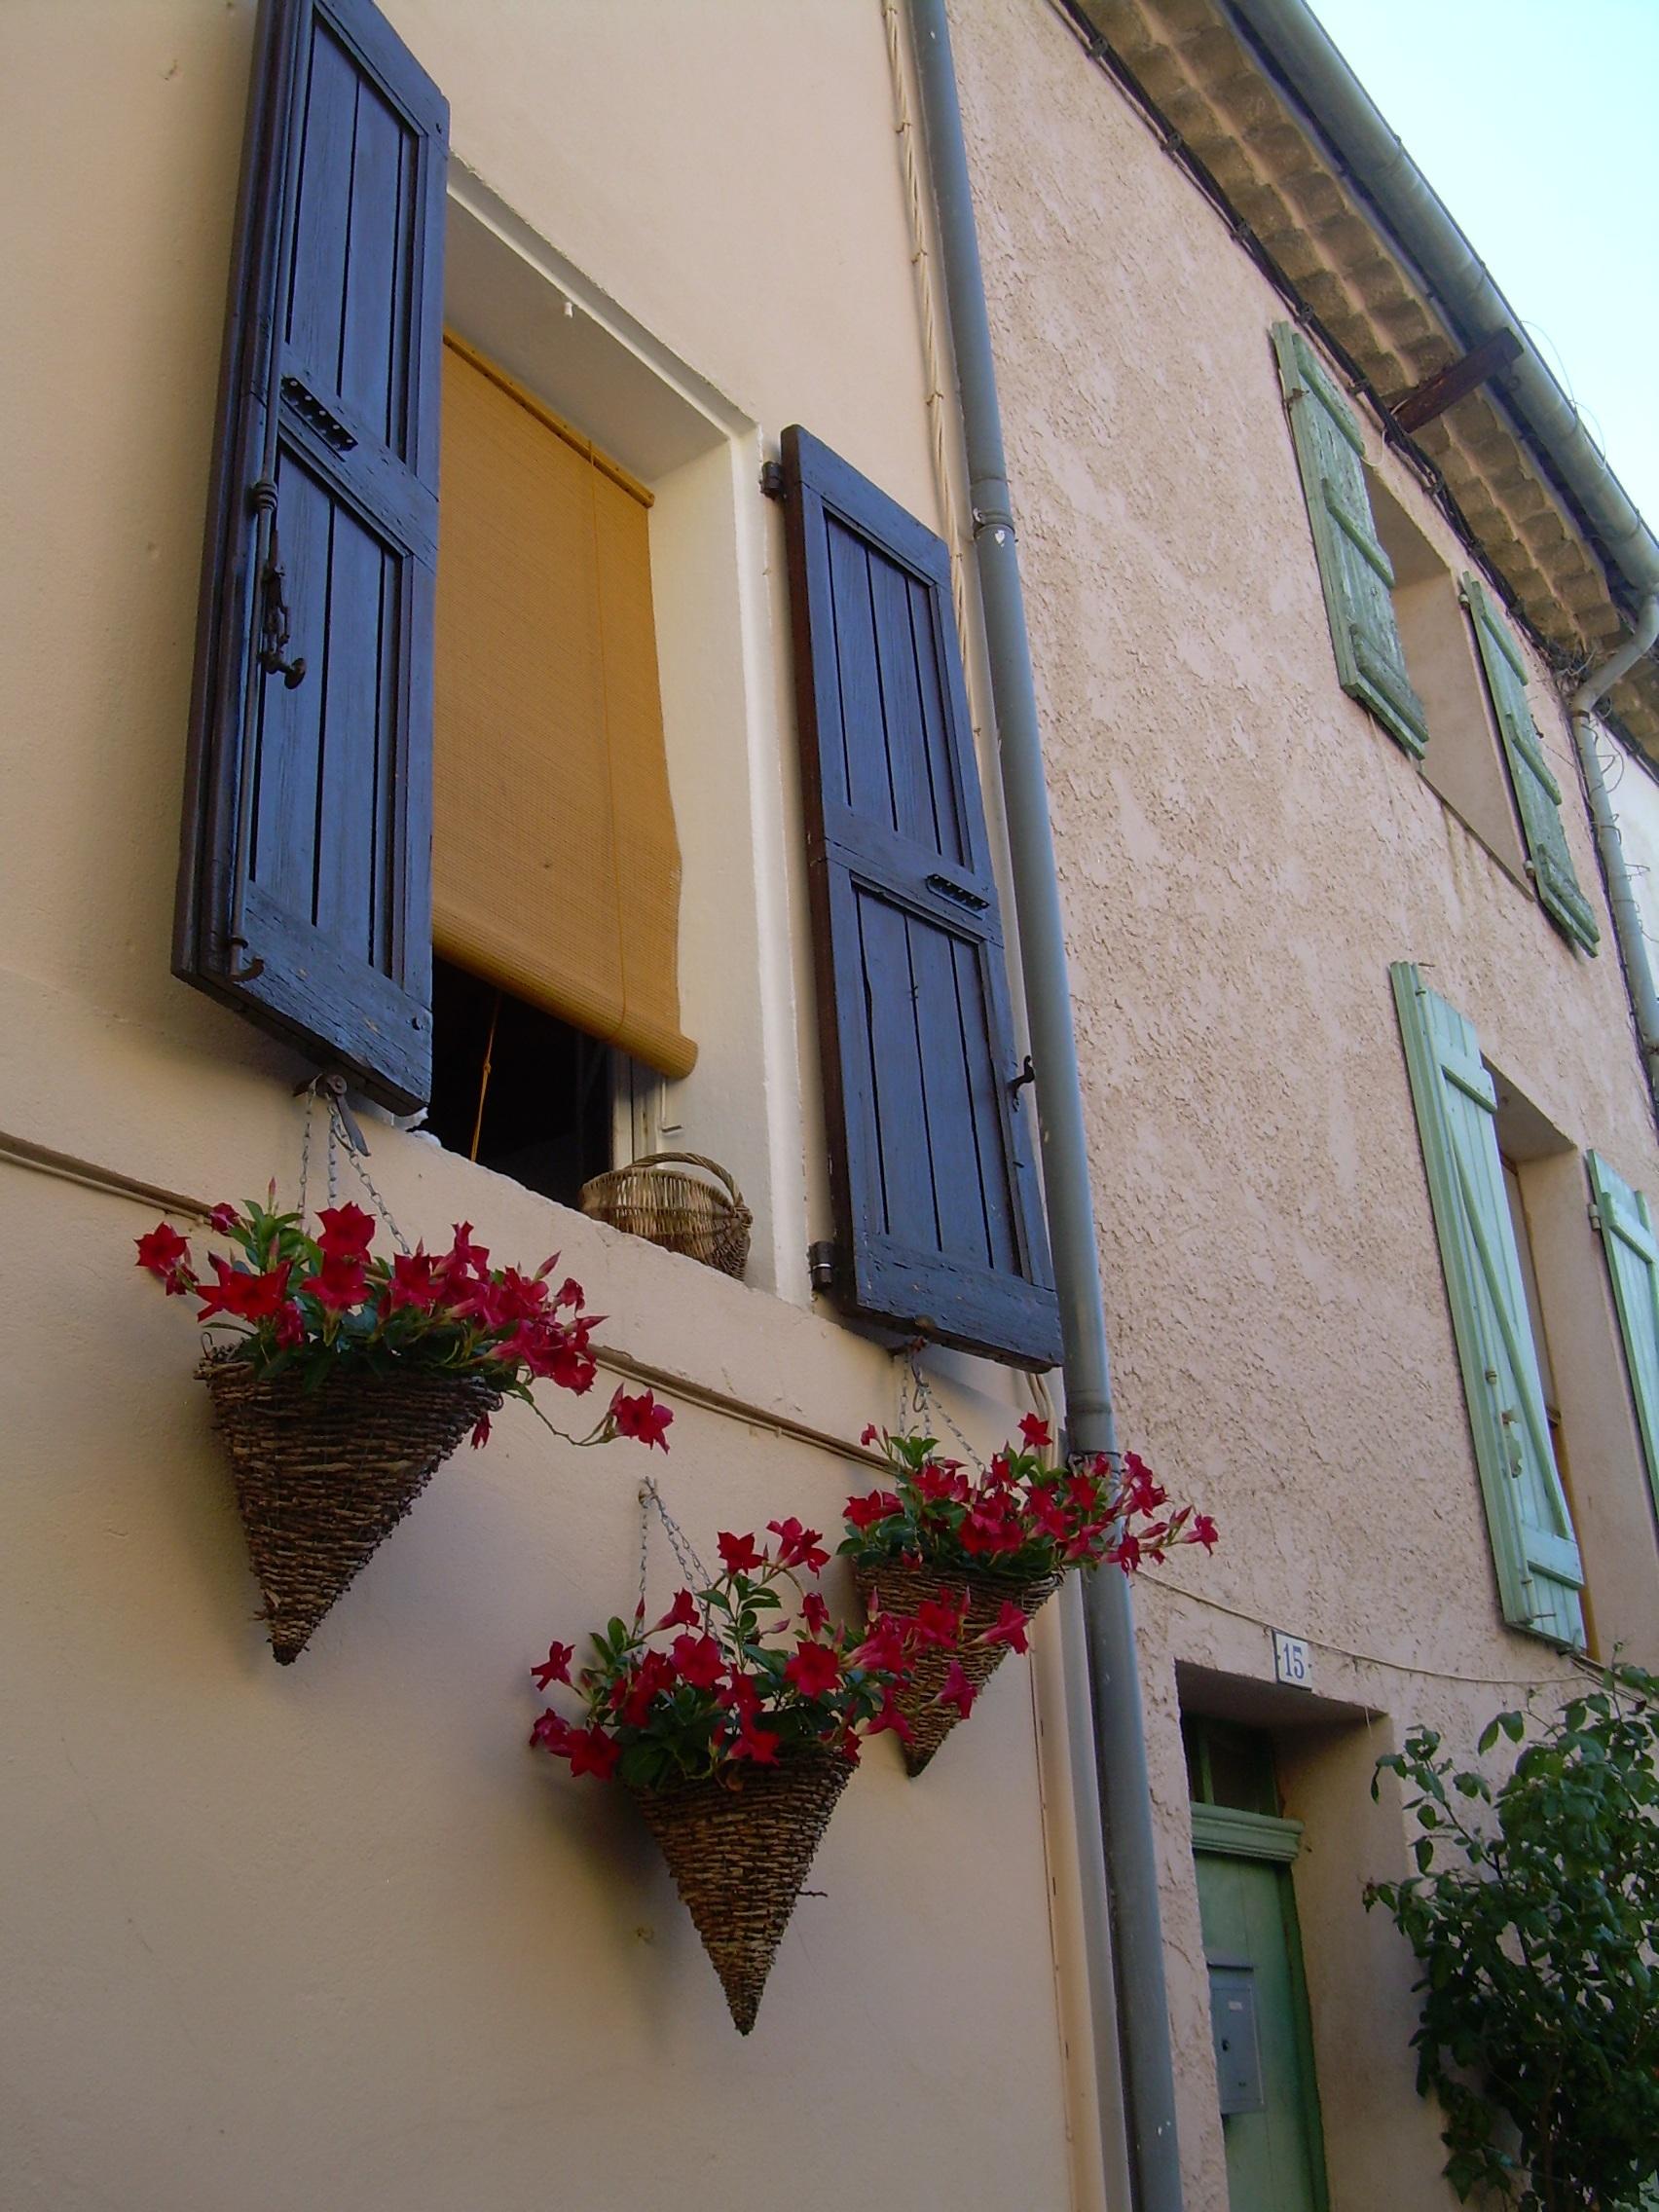 Couleurs Facades En Provence images gratuites : maison, fenêtre, mur, balcon, france